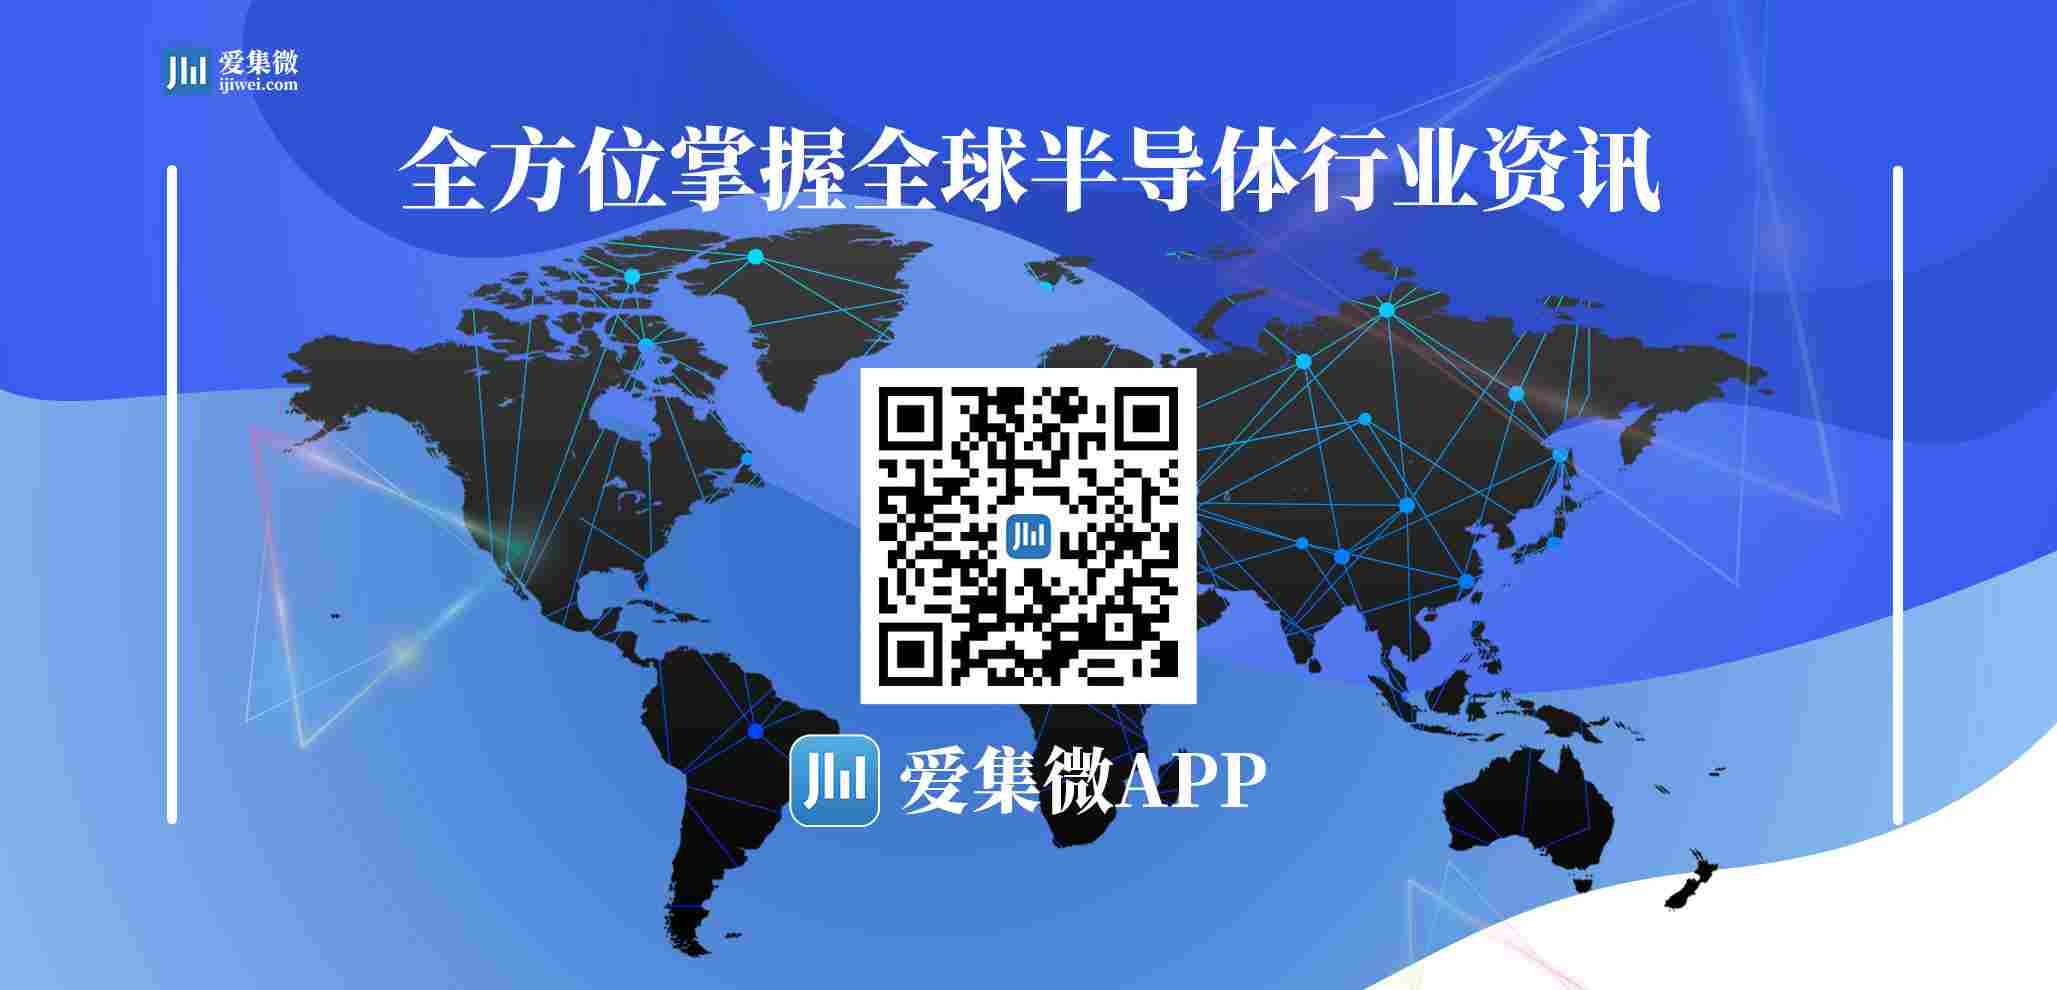 http://www.shangoudaohang.com/zhifu/208513.html